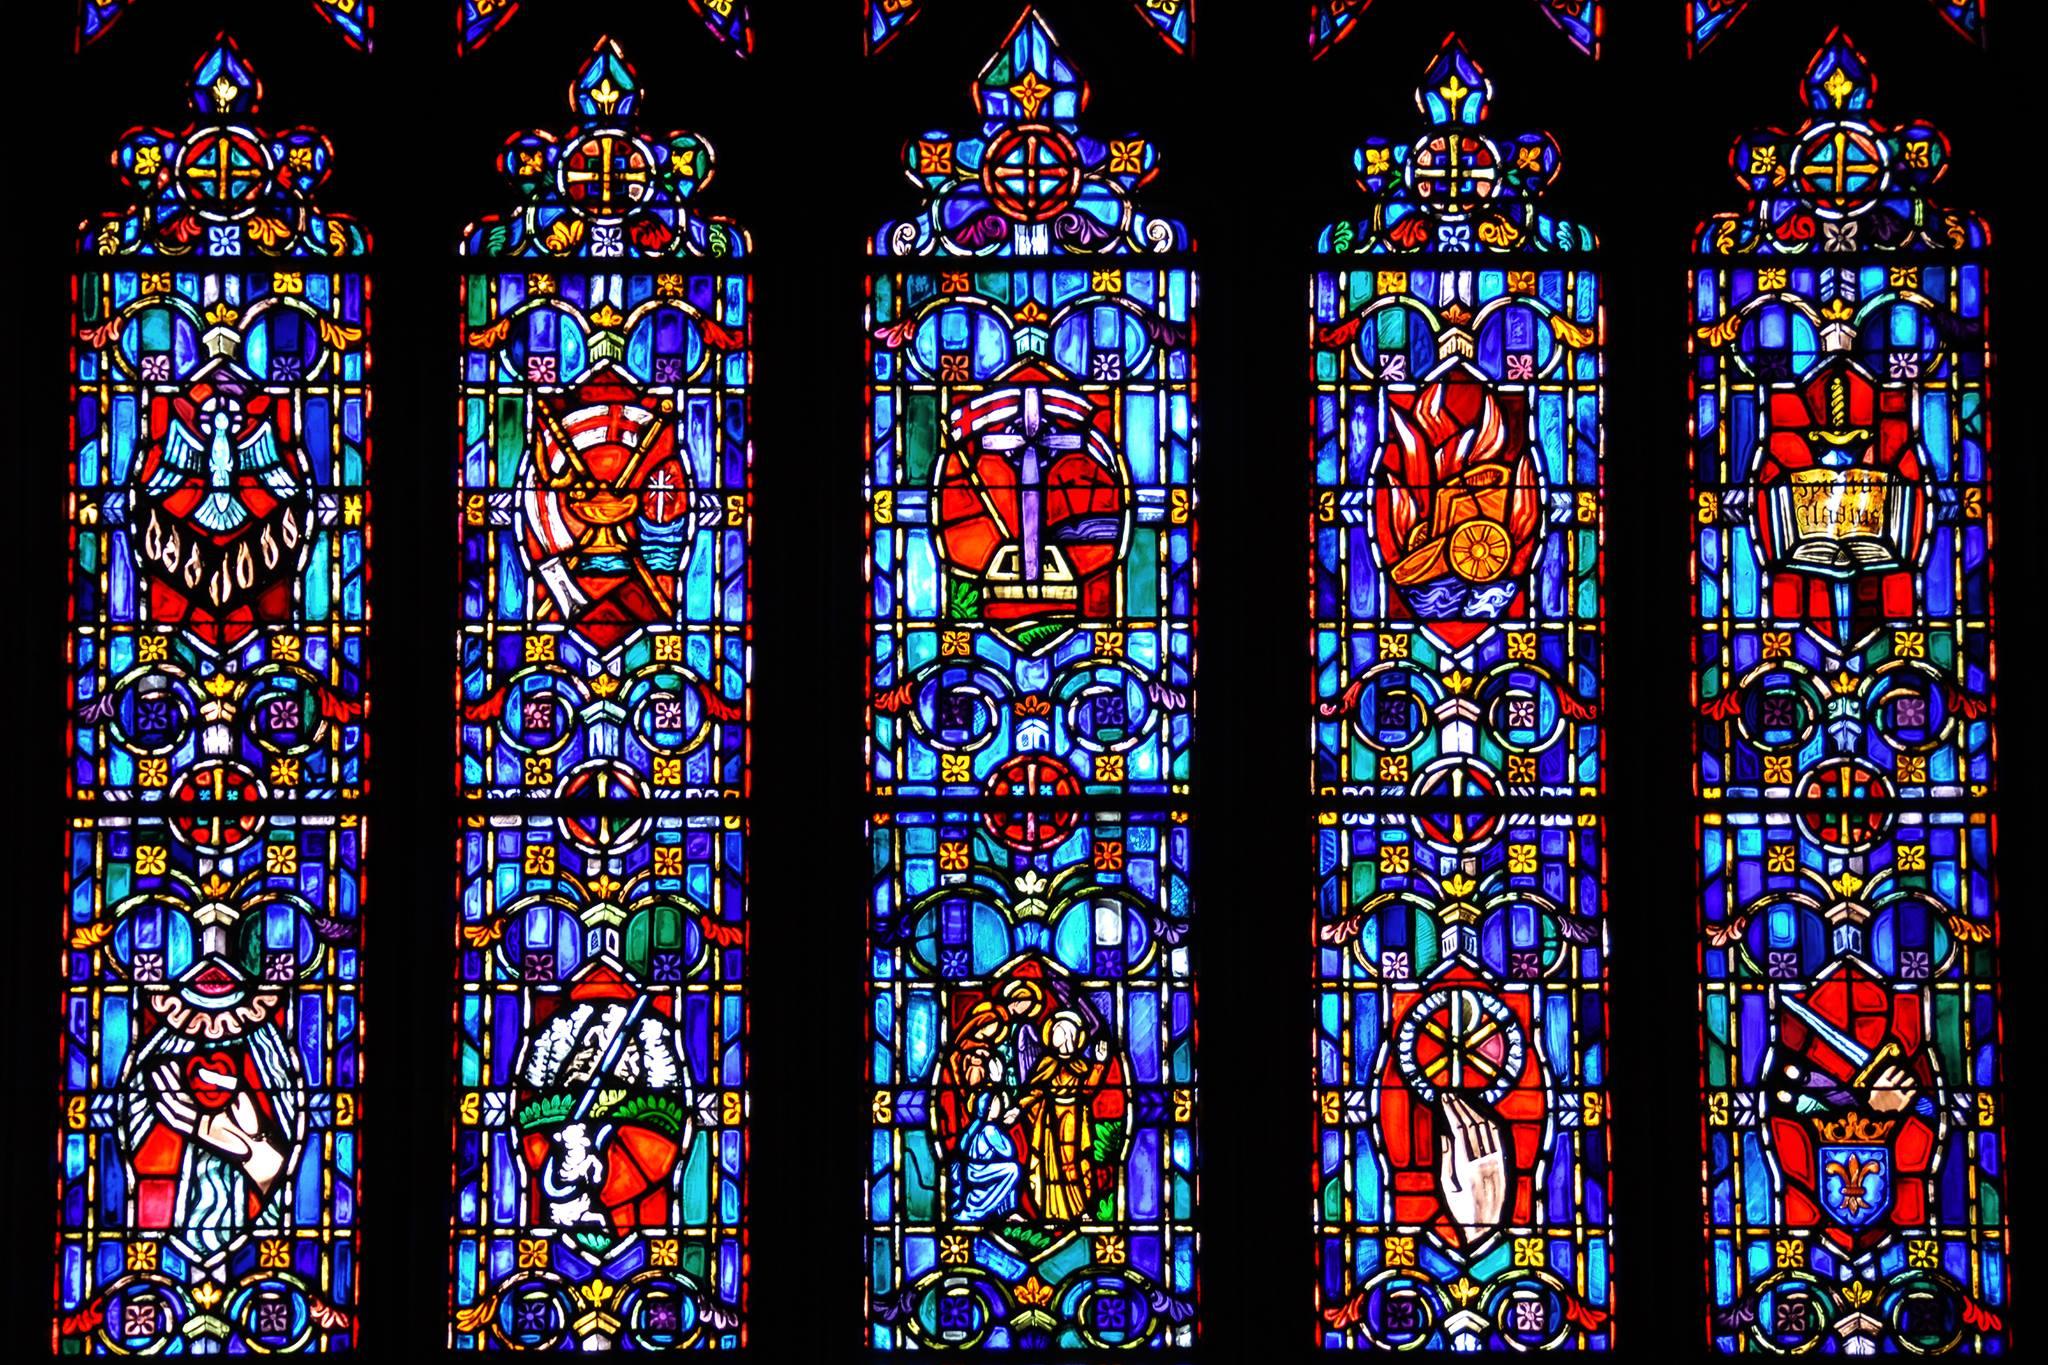 stainedglass.jpg